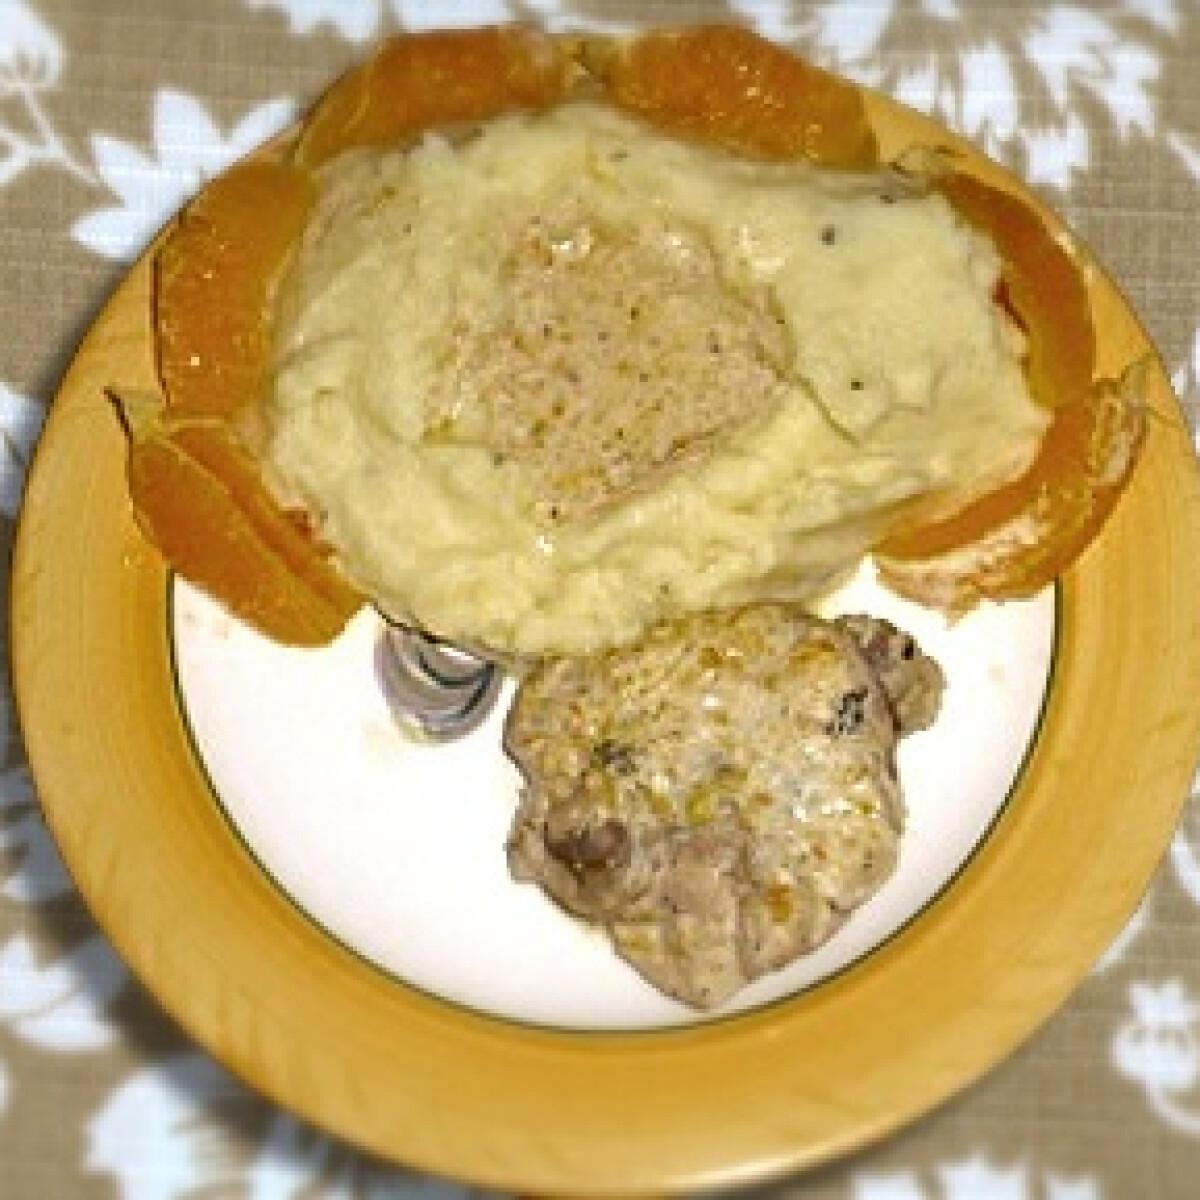 Narancsos csirke 2. - kakukkfüves burgonyapürével